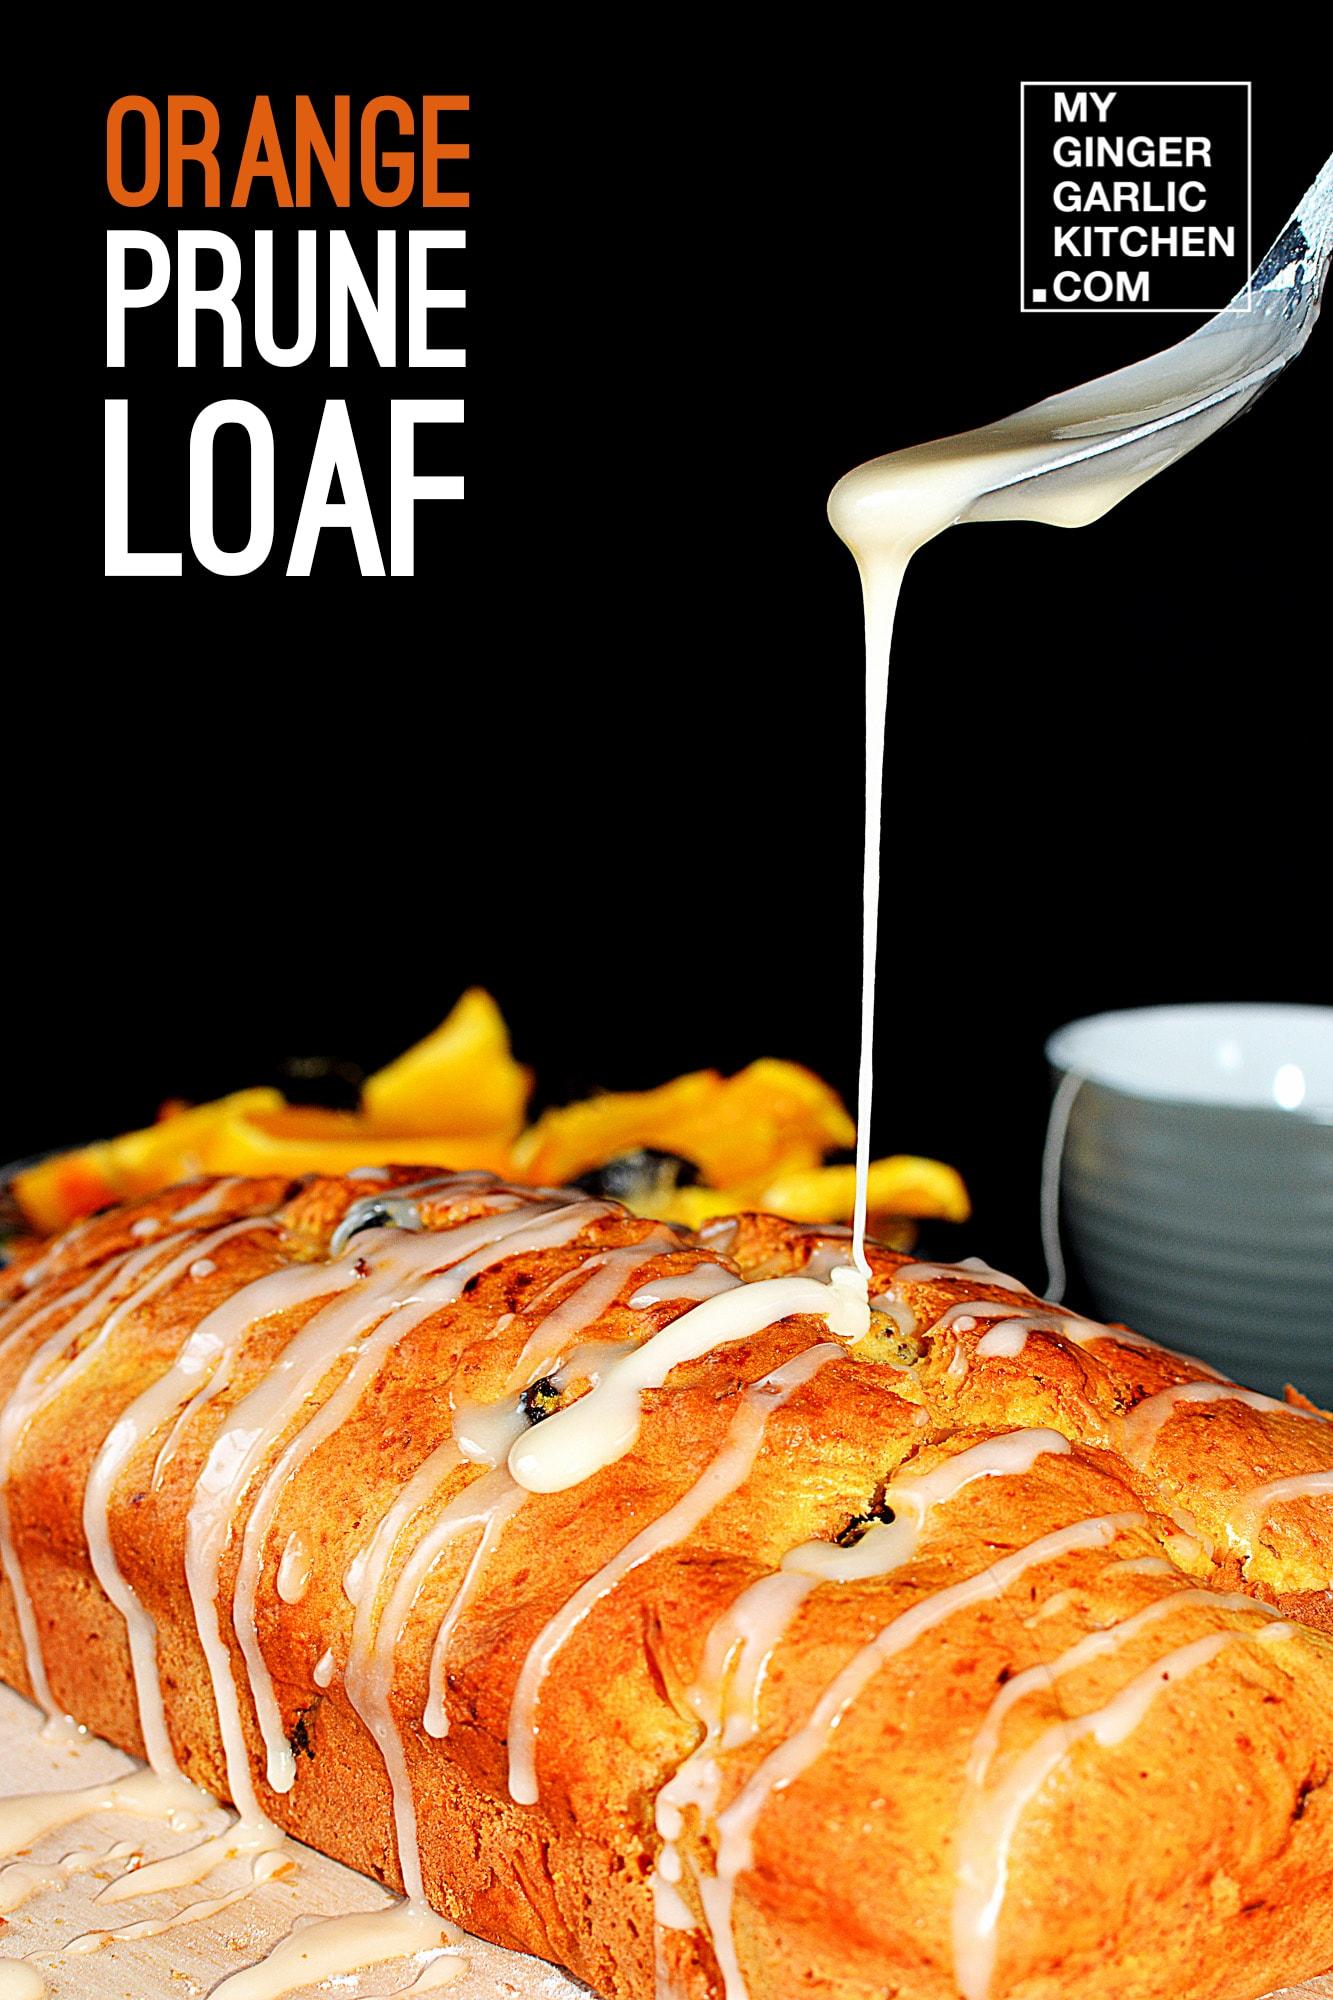 Image - recipe orange prune loaf anupama paliwal my ginger garlic kitchen 7 682x1024